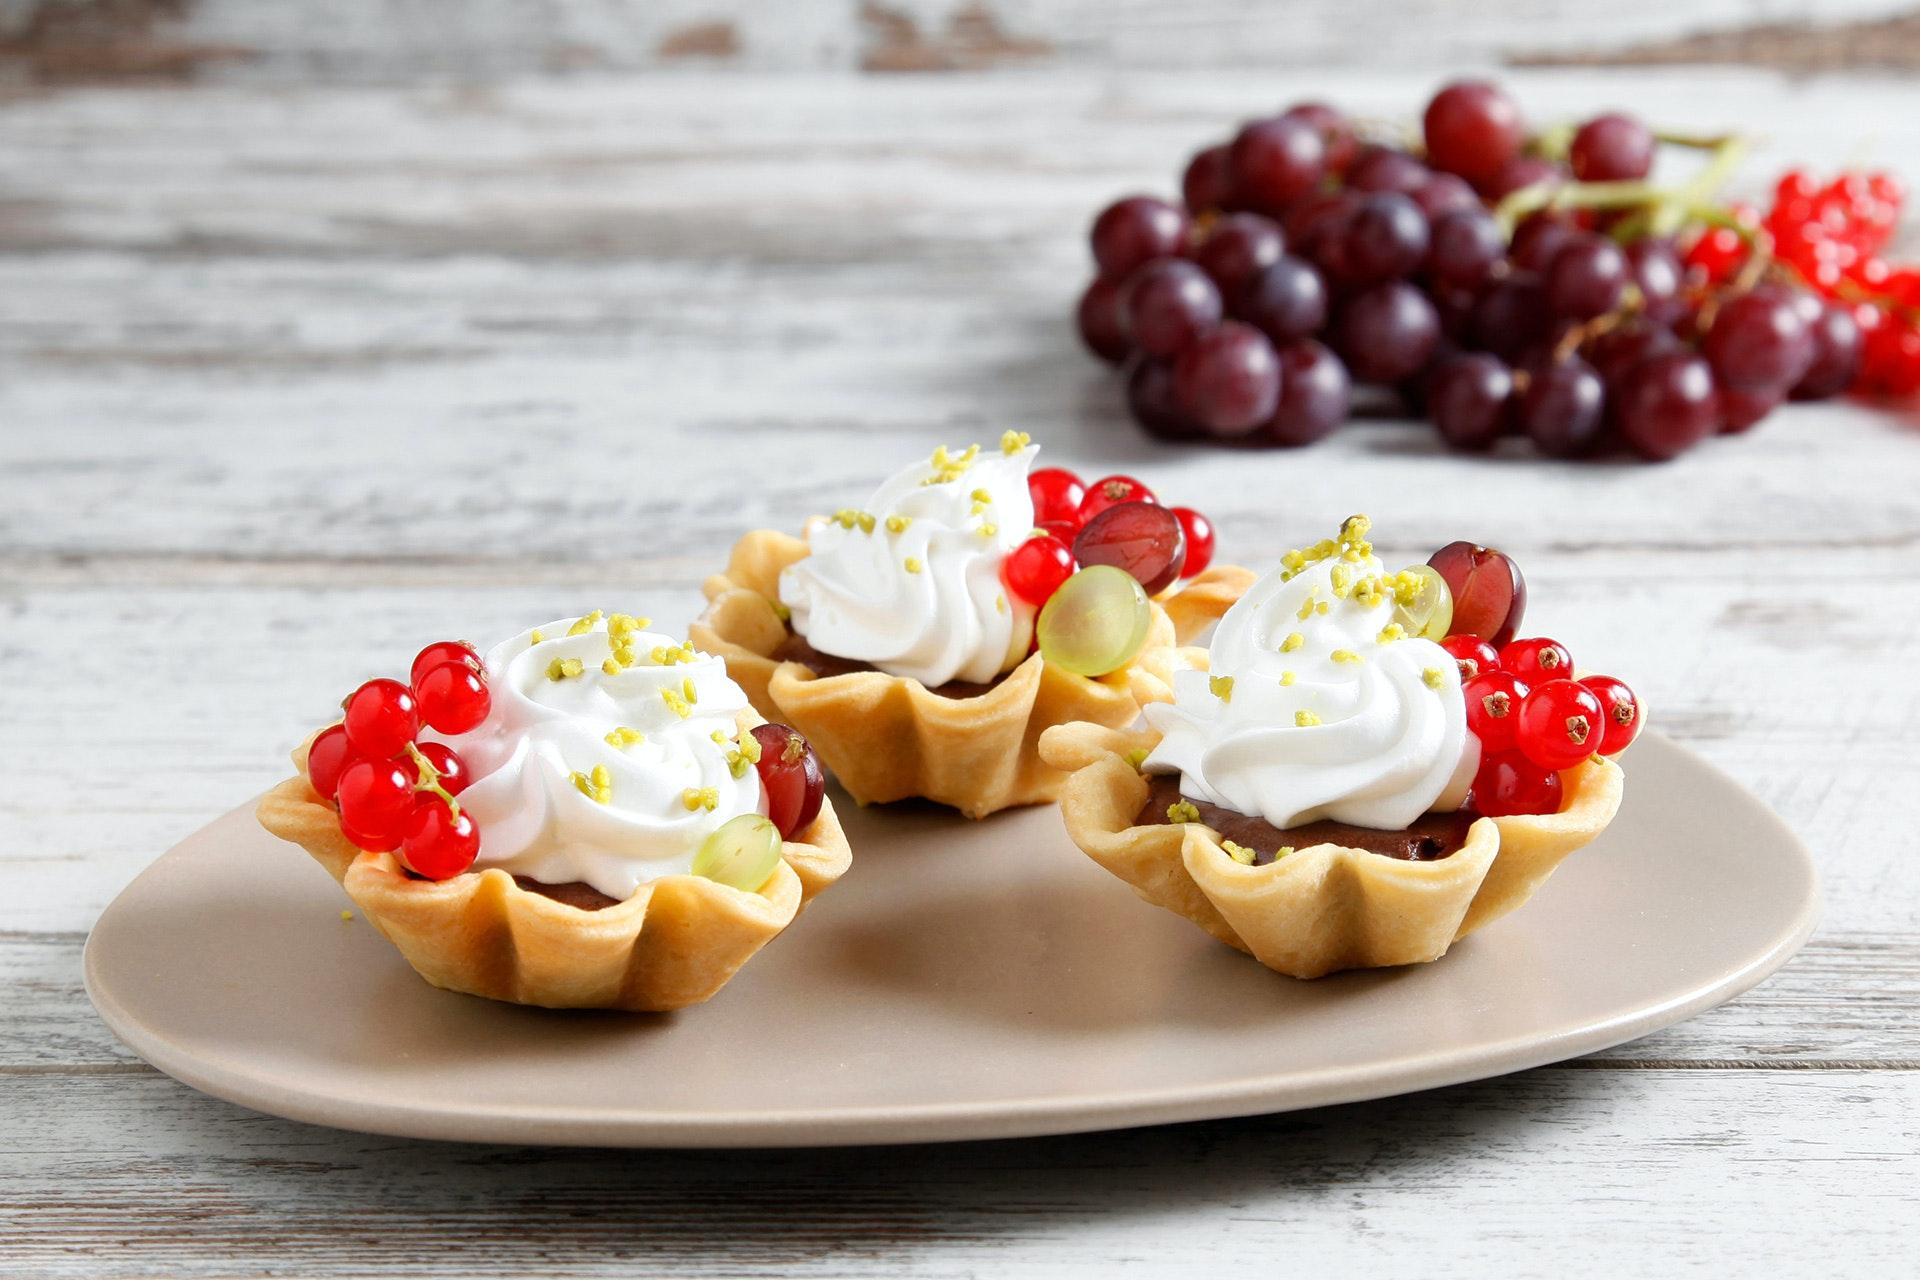 Tartellette con mousse al cioccolato e fruttini - Parmalat